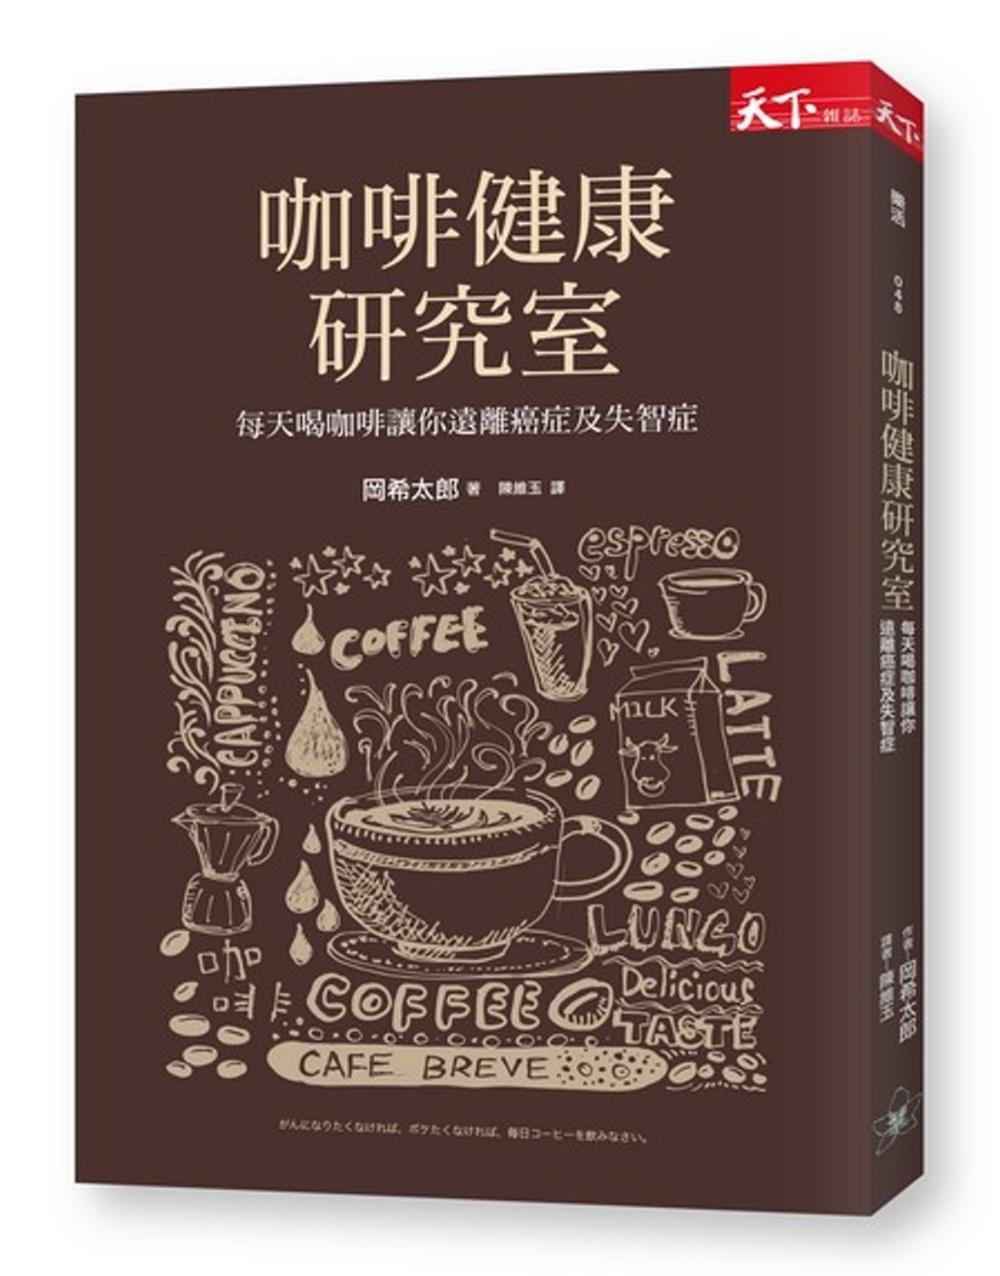 ◤博客來BOOKS◢ 暢銷書榜《推薦》咖啡健康研究室:每天喝咖啡讓你遠離癌症及失智症